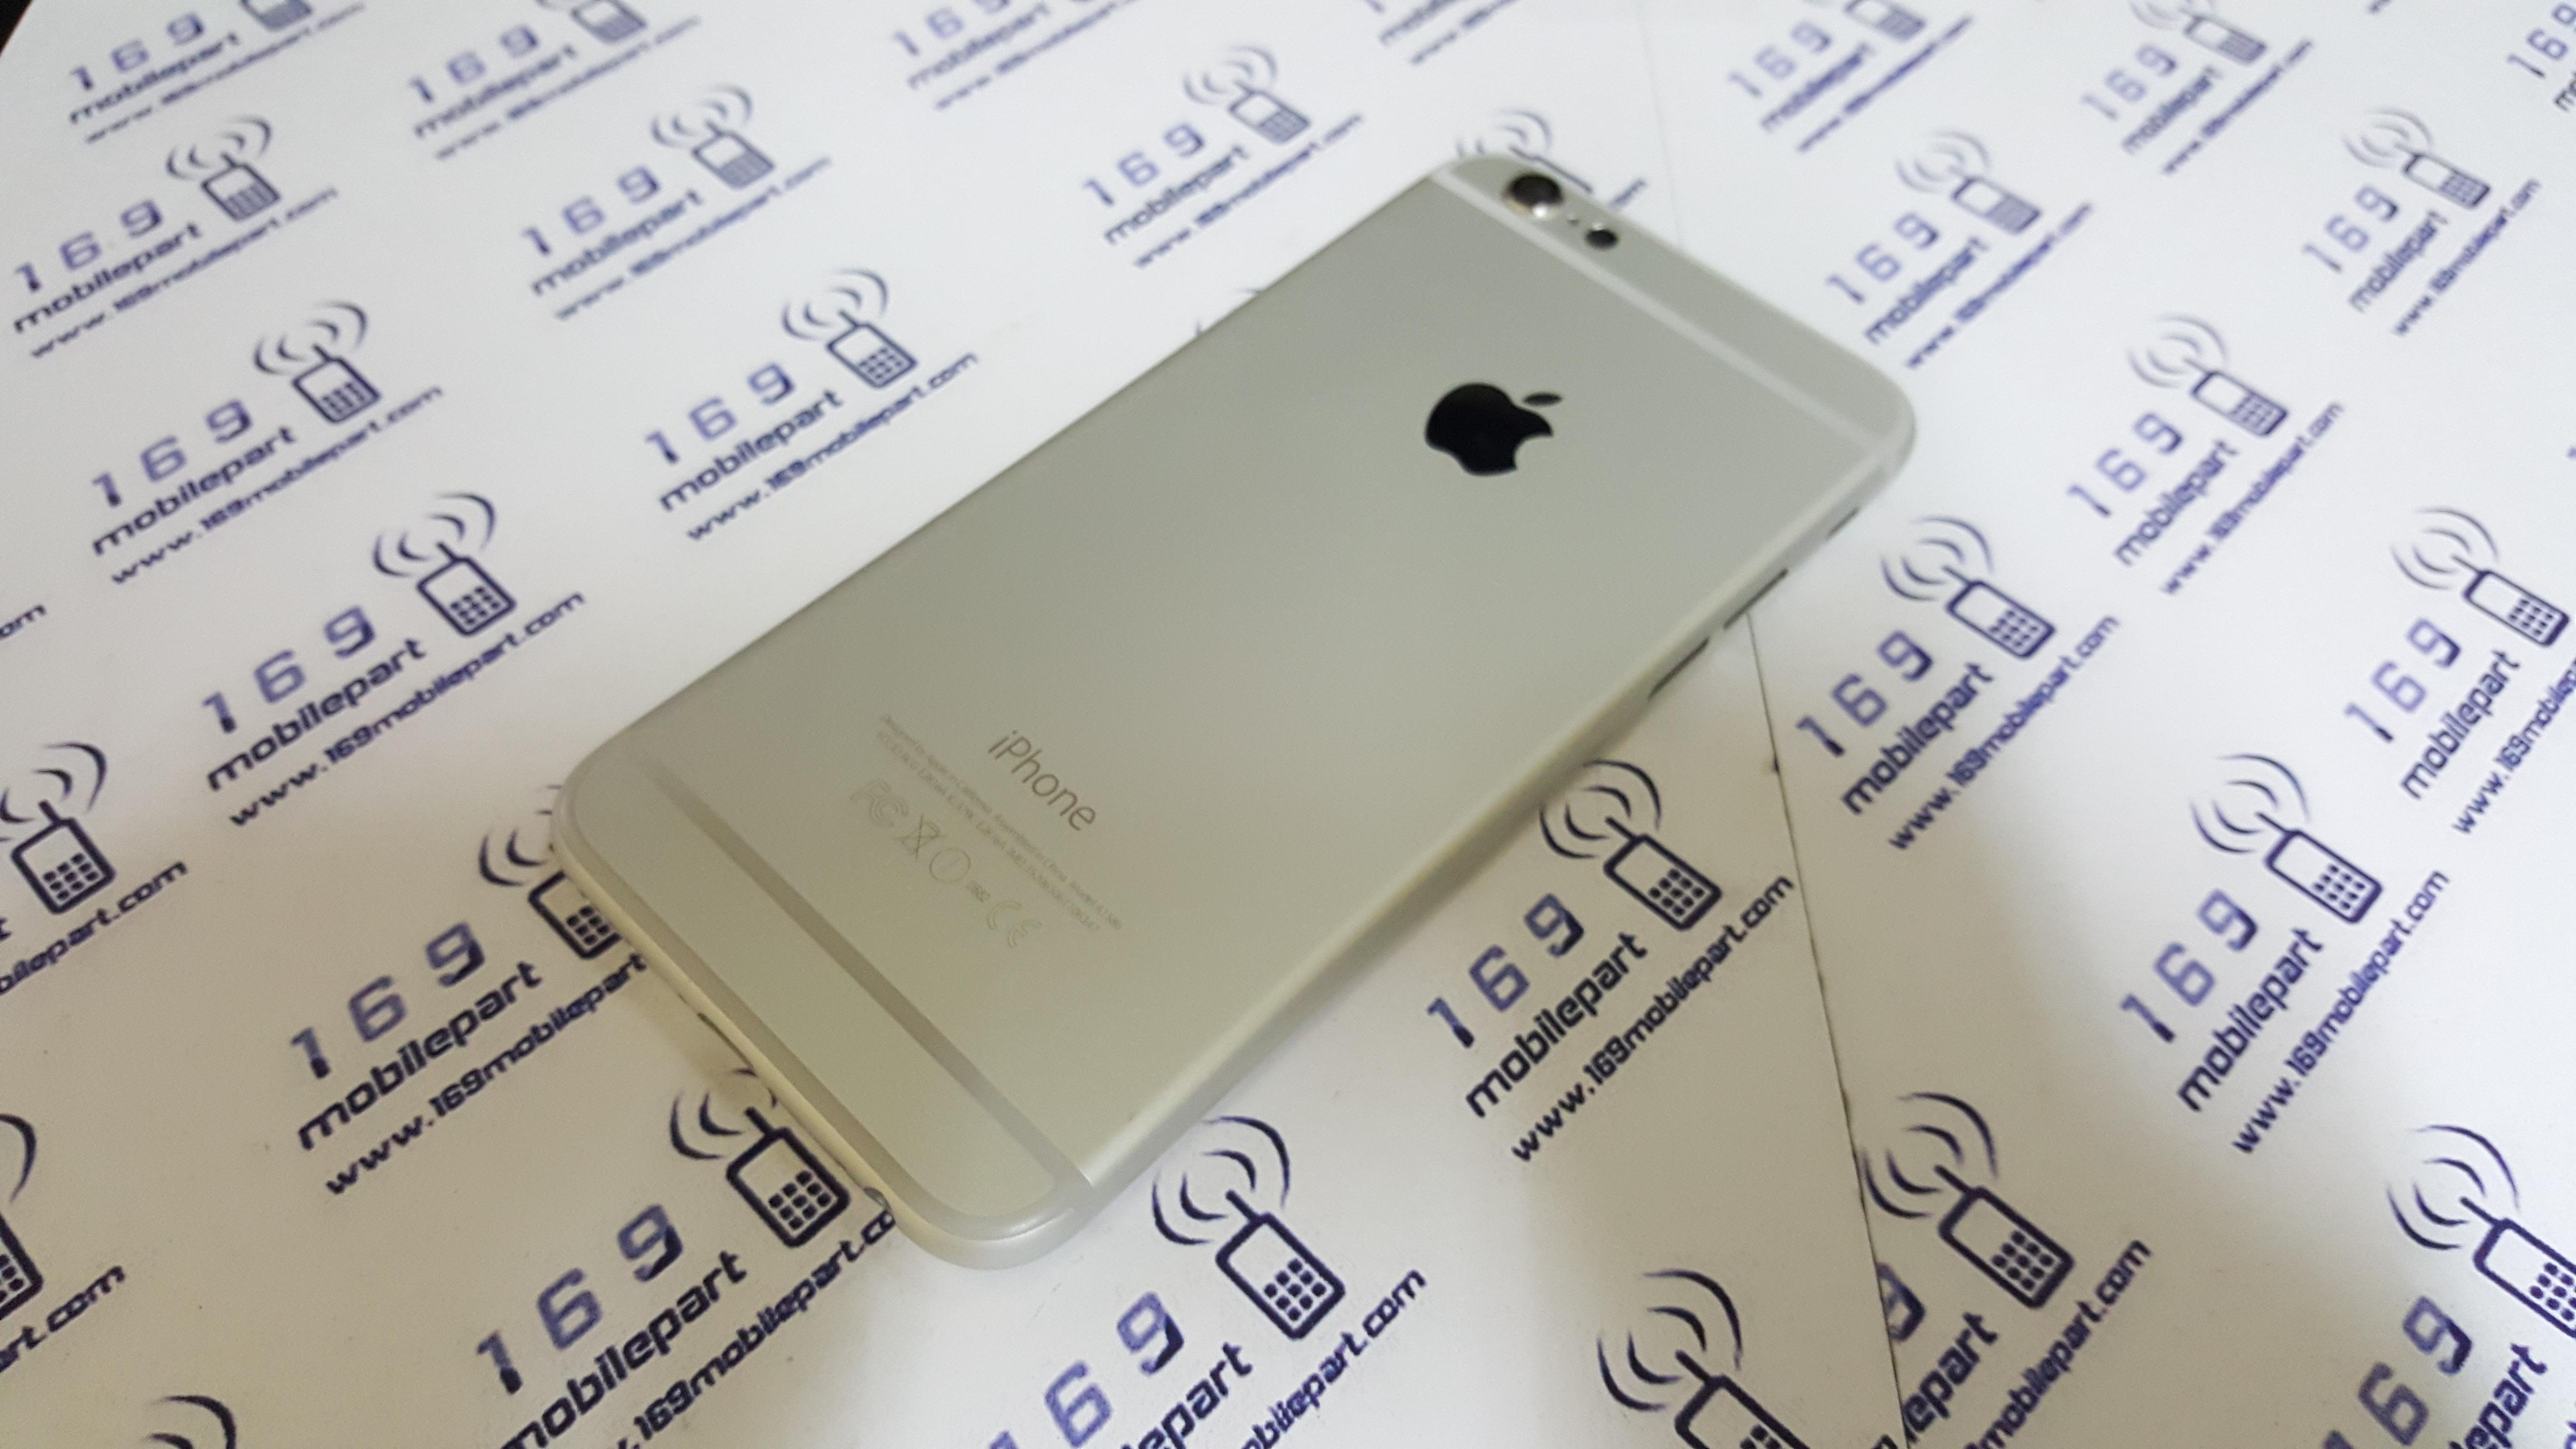 บอดี้ iPhone 6 สีขาว